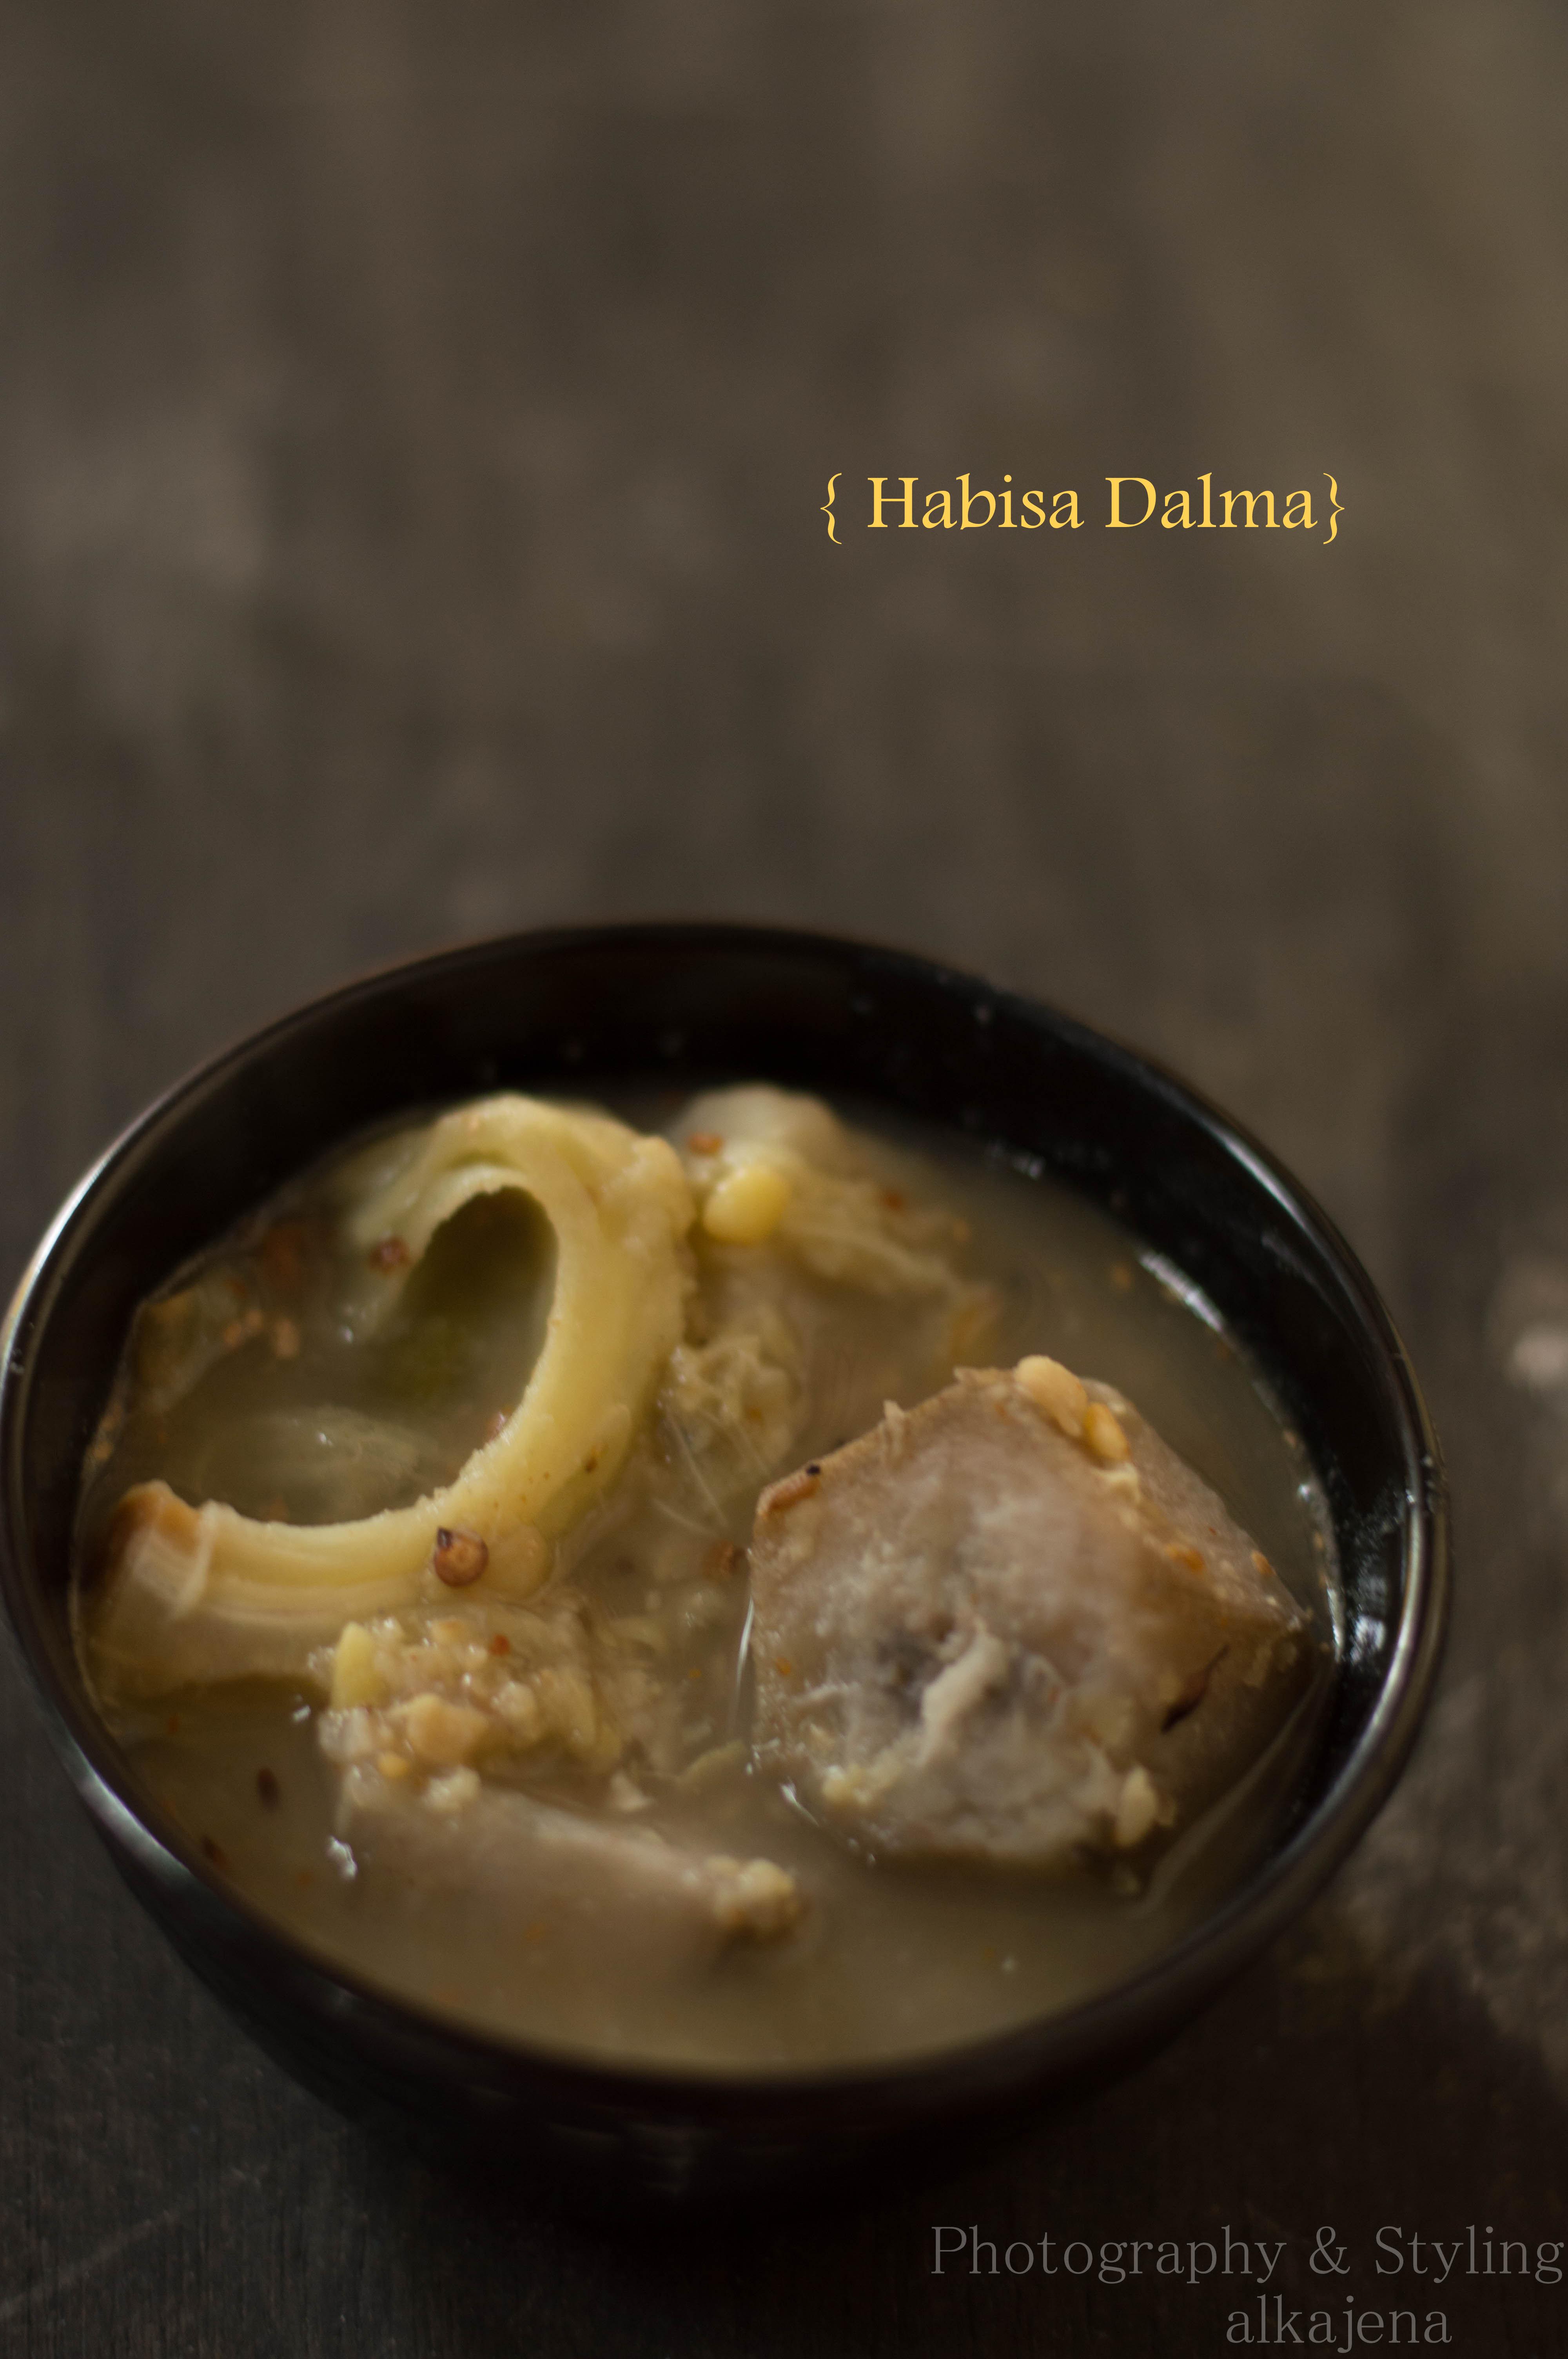 Habisa Dalma